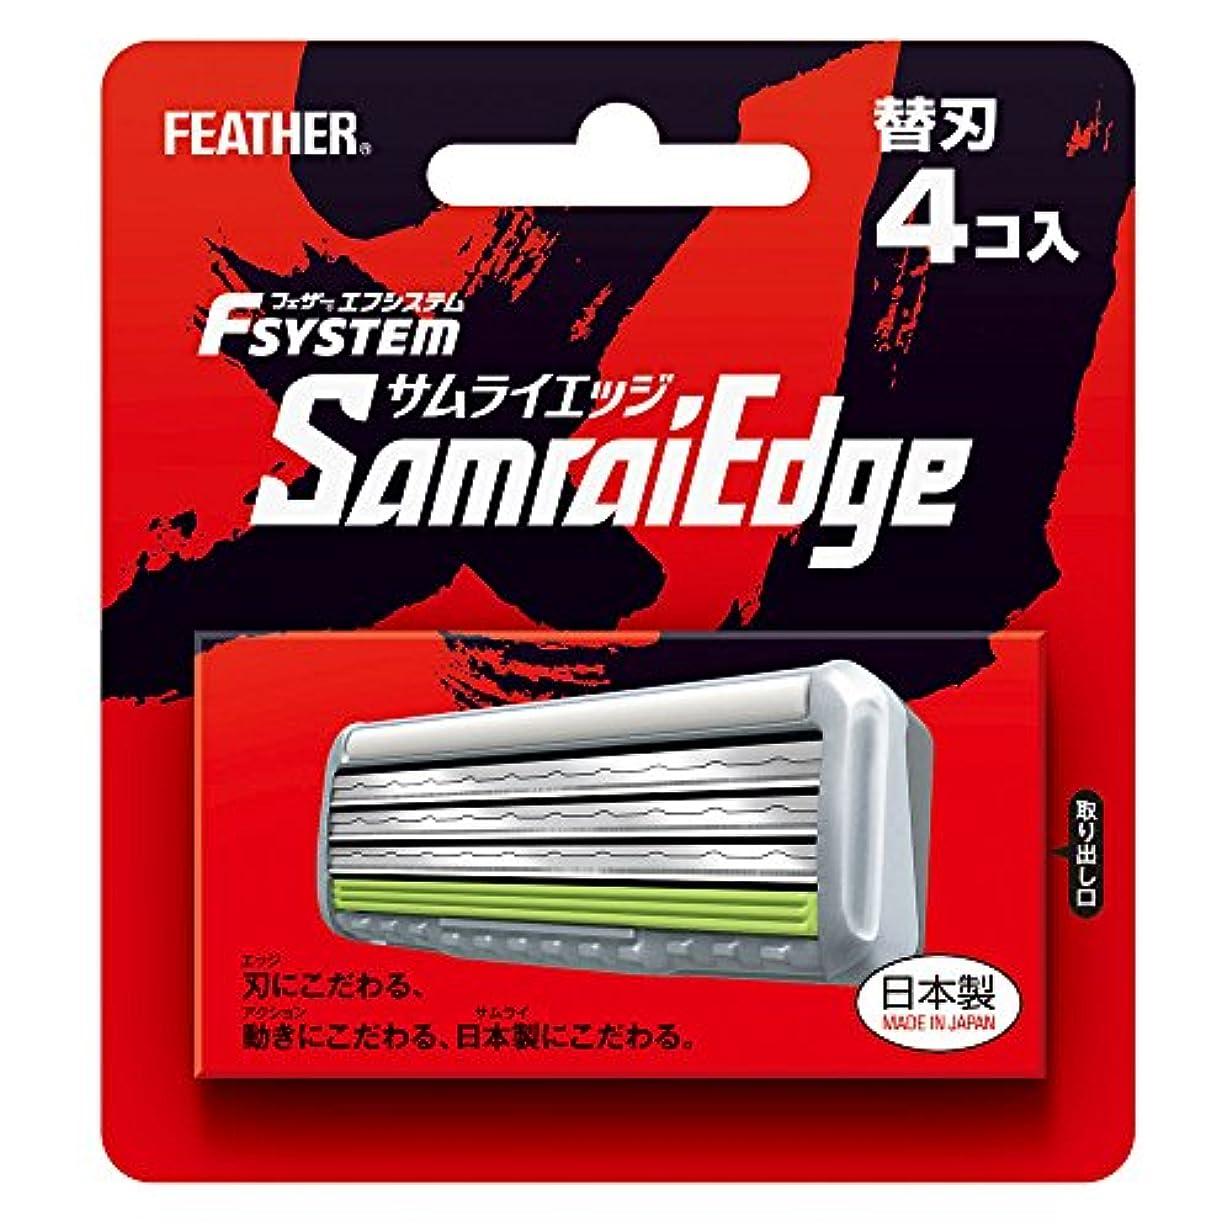 上陸おとうさんカーテンフェザー エフシステム 替刃 サムライエッジ 4コ入 (日本製)